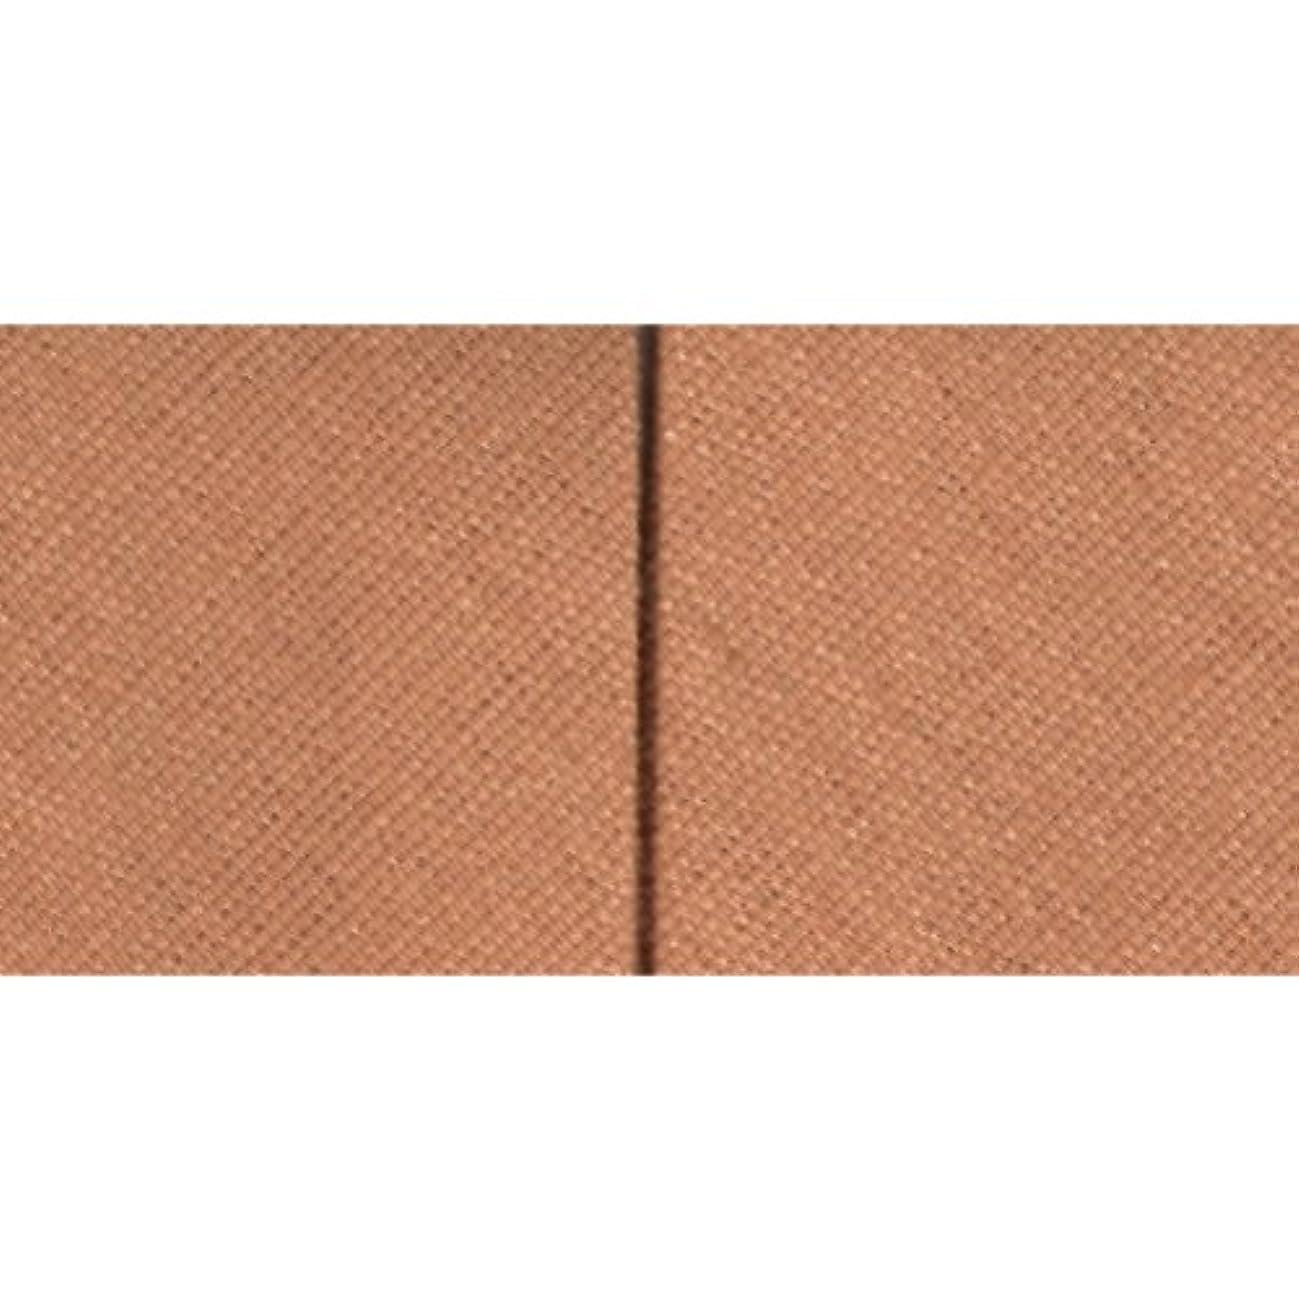 Wrights 117-202-073 Wide Single Fold Bias Tape, Tan, 3-Yard